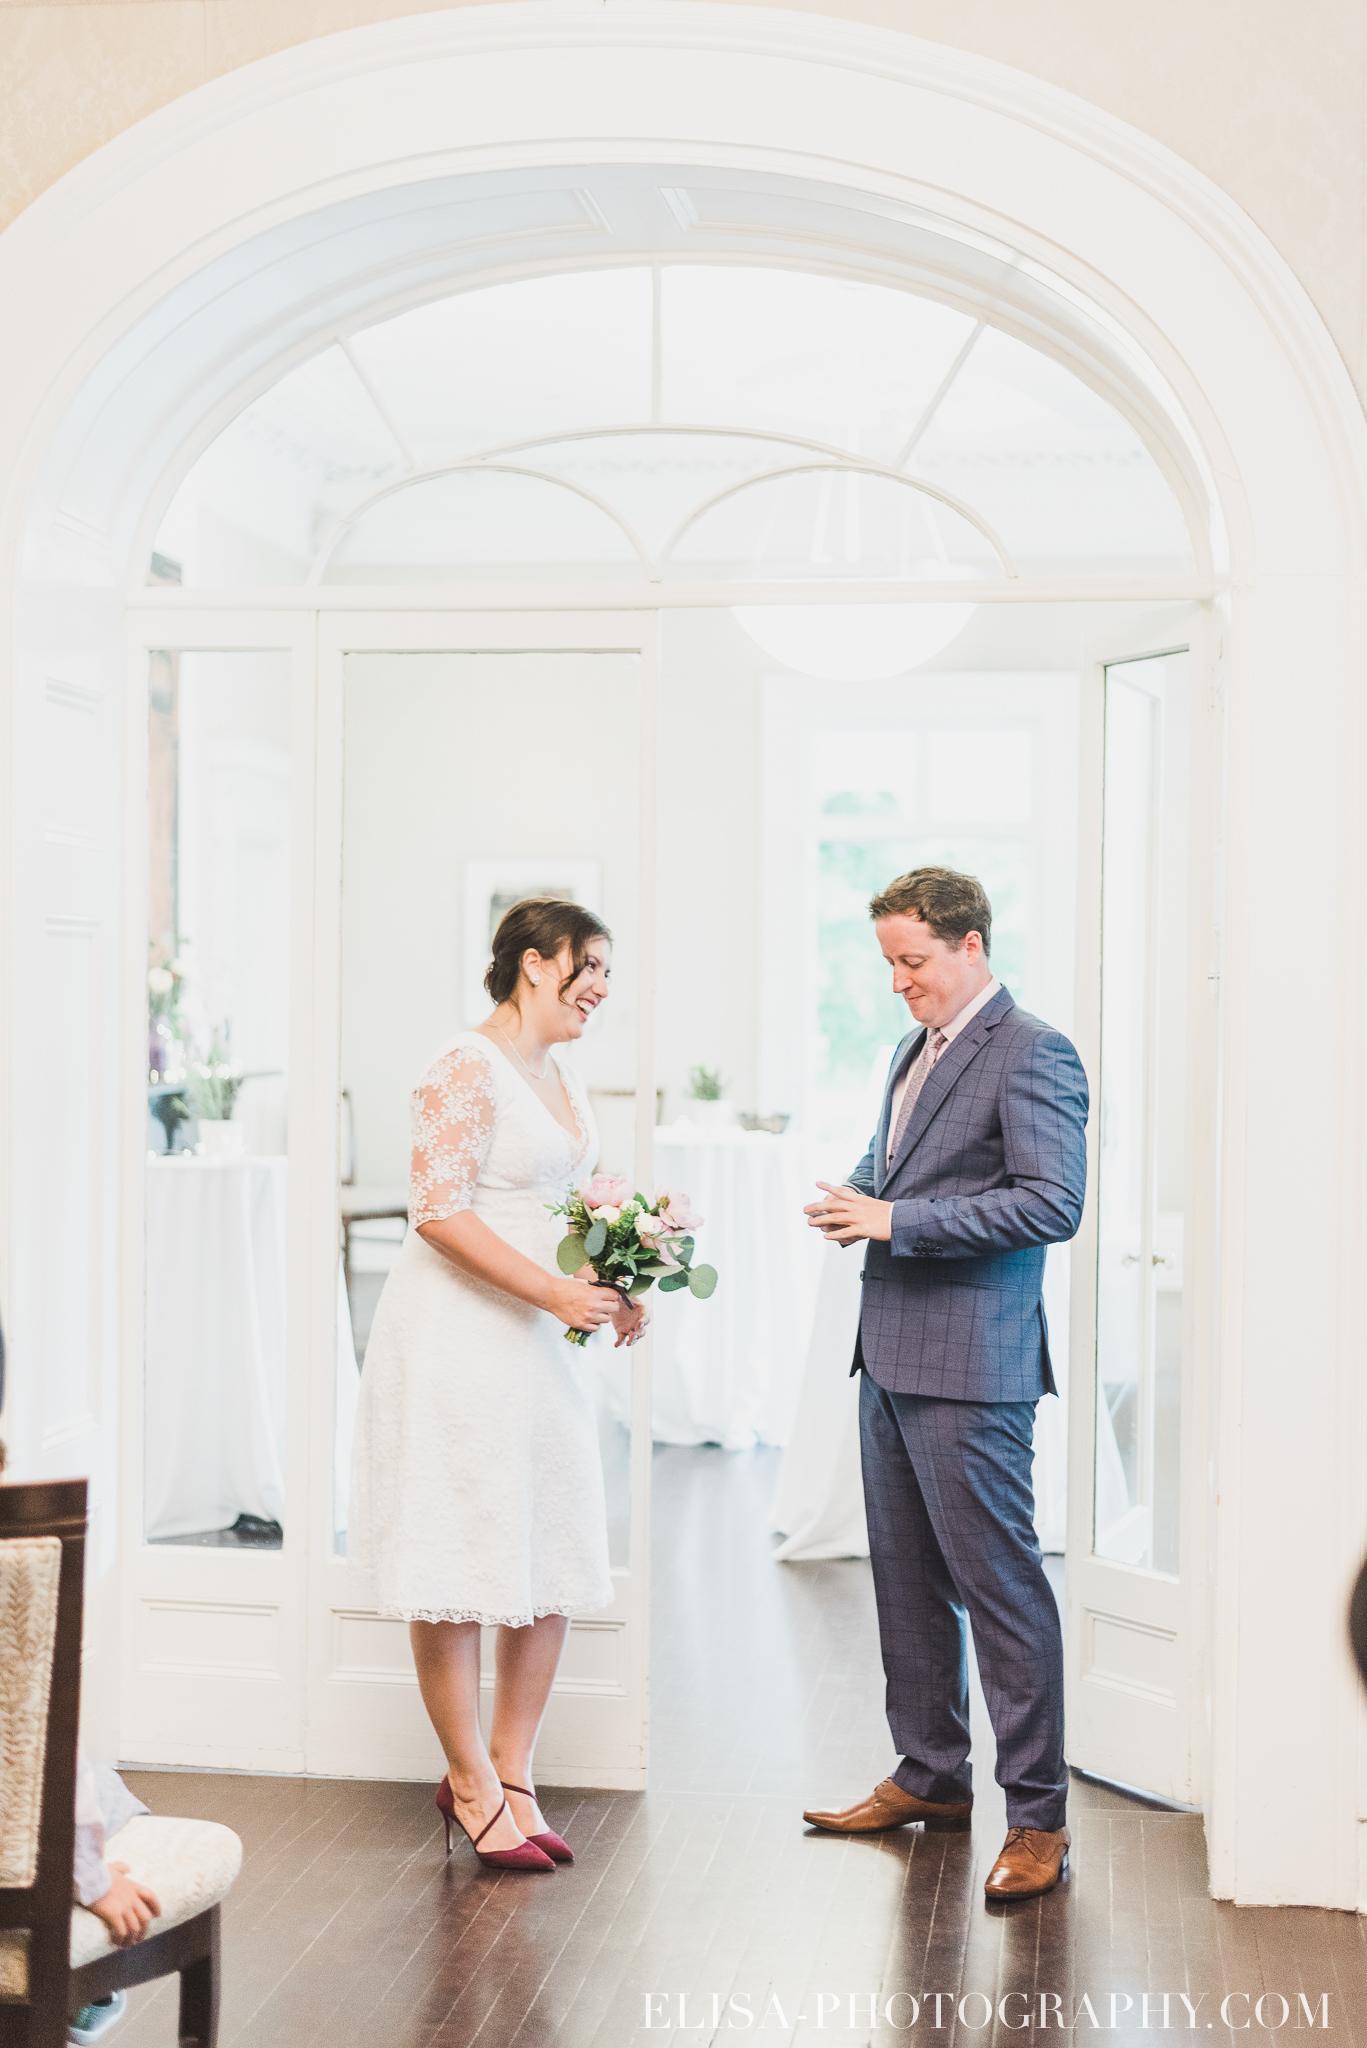 photo mariage domaine cataraqui wedding echange bagues voeux salle ceremonie 2275 - Mariage d'inspiration anglaise au domaine Cataraqui